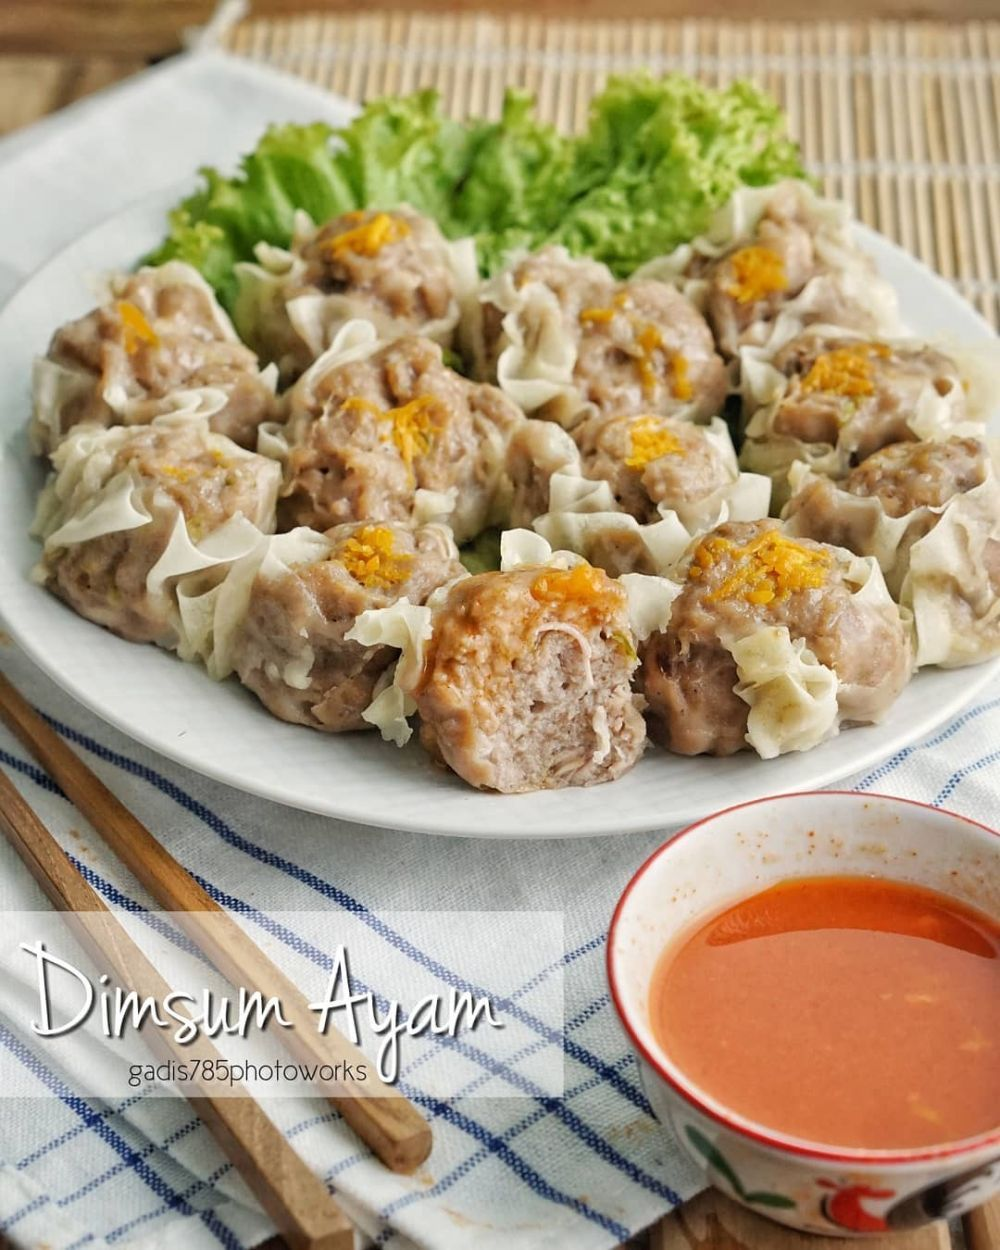 Resep Dimsum C 2020 Brilio Net Resep Masakan Cina Resep Resep Makanan Cina